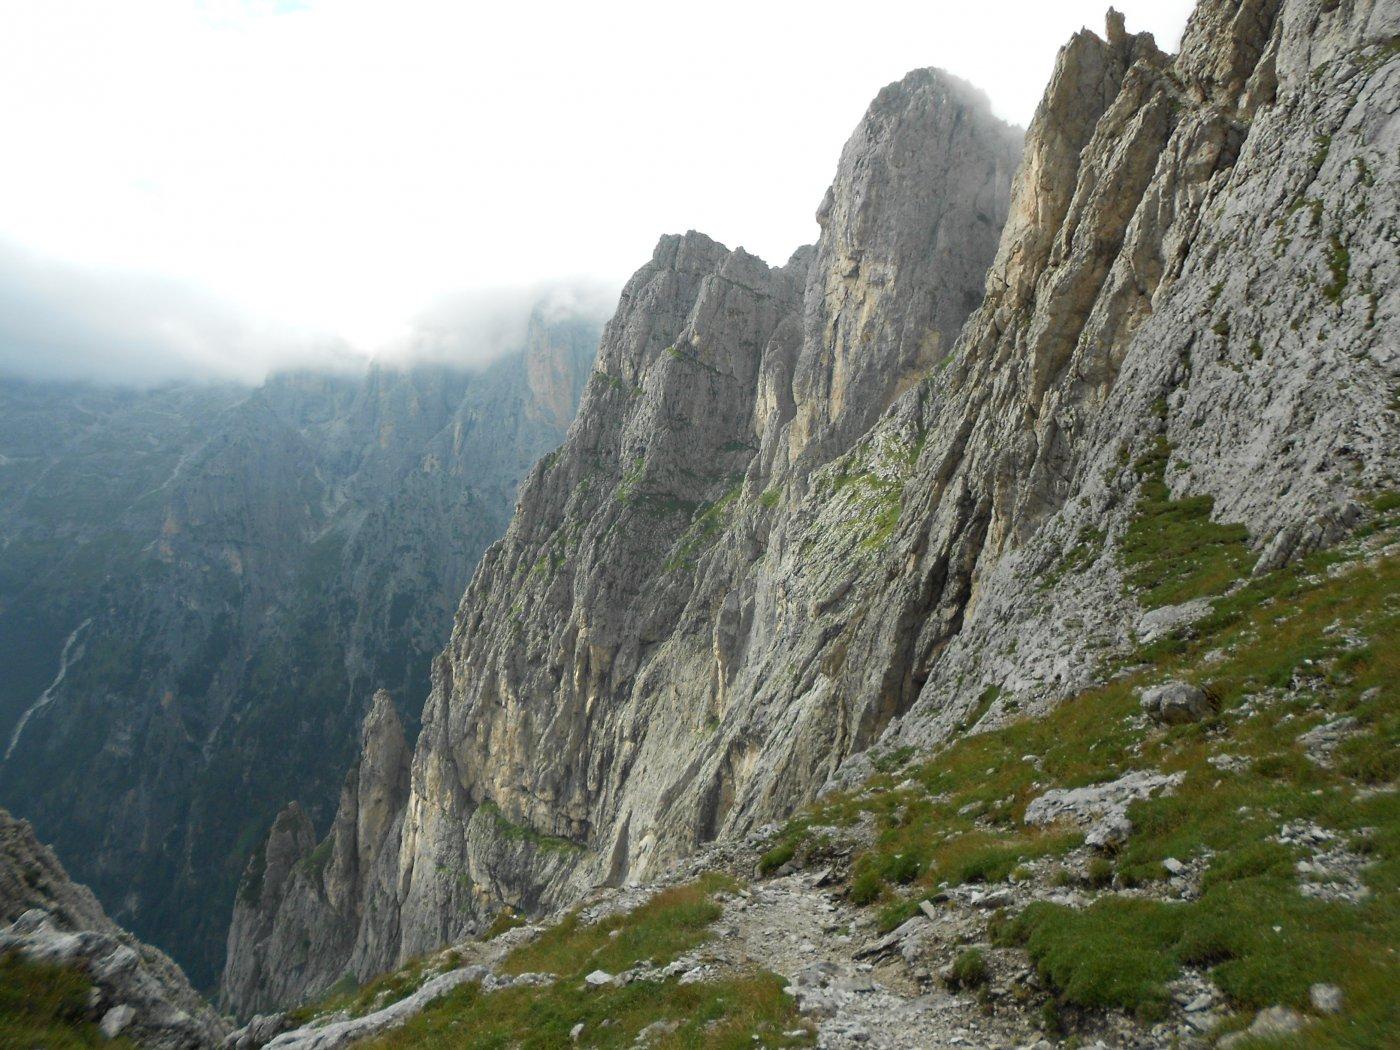 Finalmente sulla Forcella delle Mughe...uno sguardo sulla cresta appena attraversata fin sotto il Sass d'Ortiga.